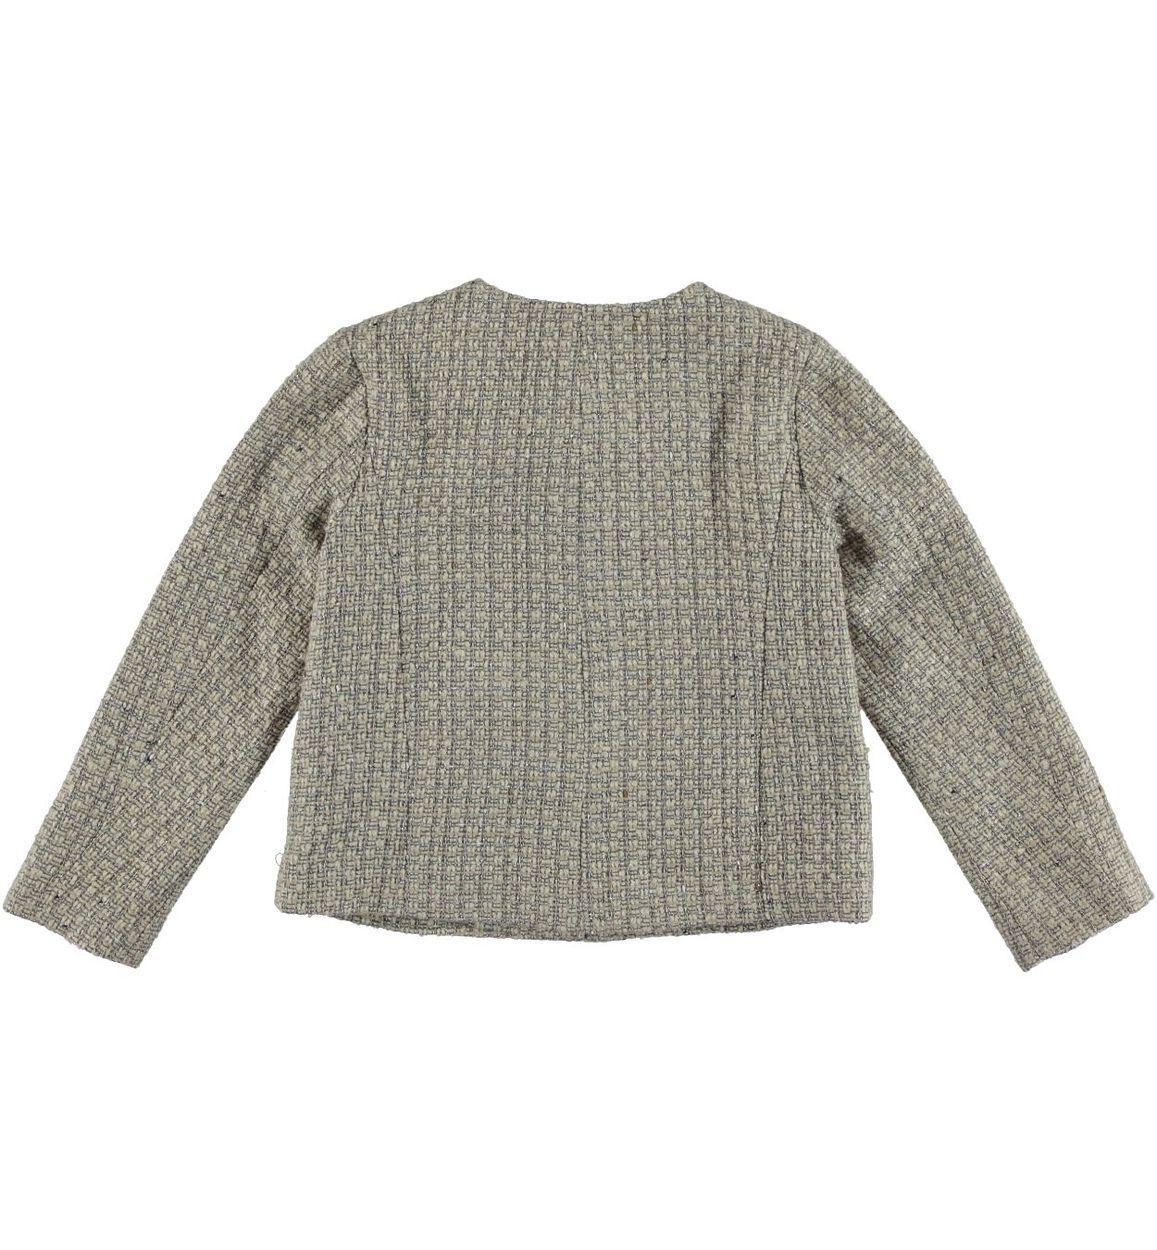 hot sale online dc5d5 4a2ea Giacchina corta per bambina in panno misto lana vestibilità da 3 a 16 anni  iDO